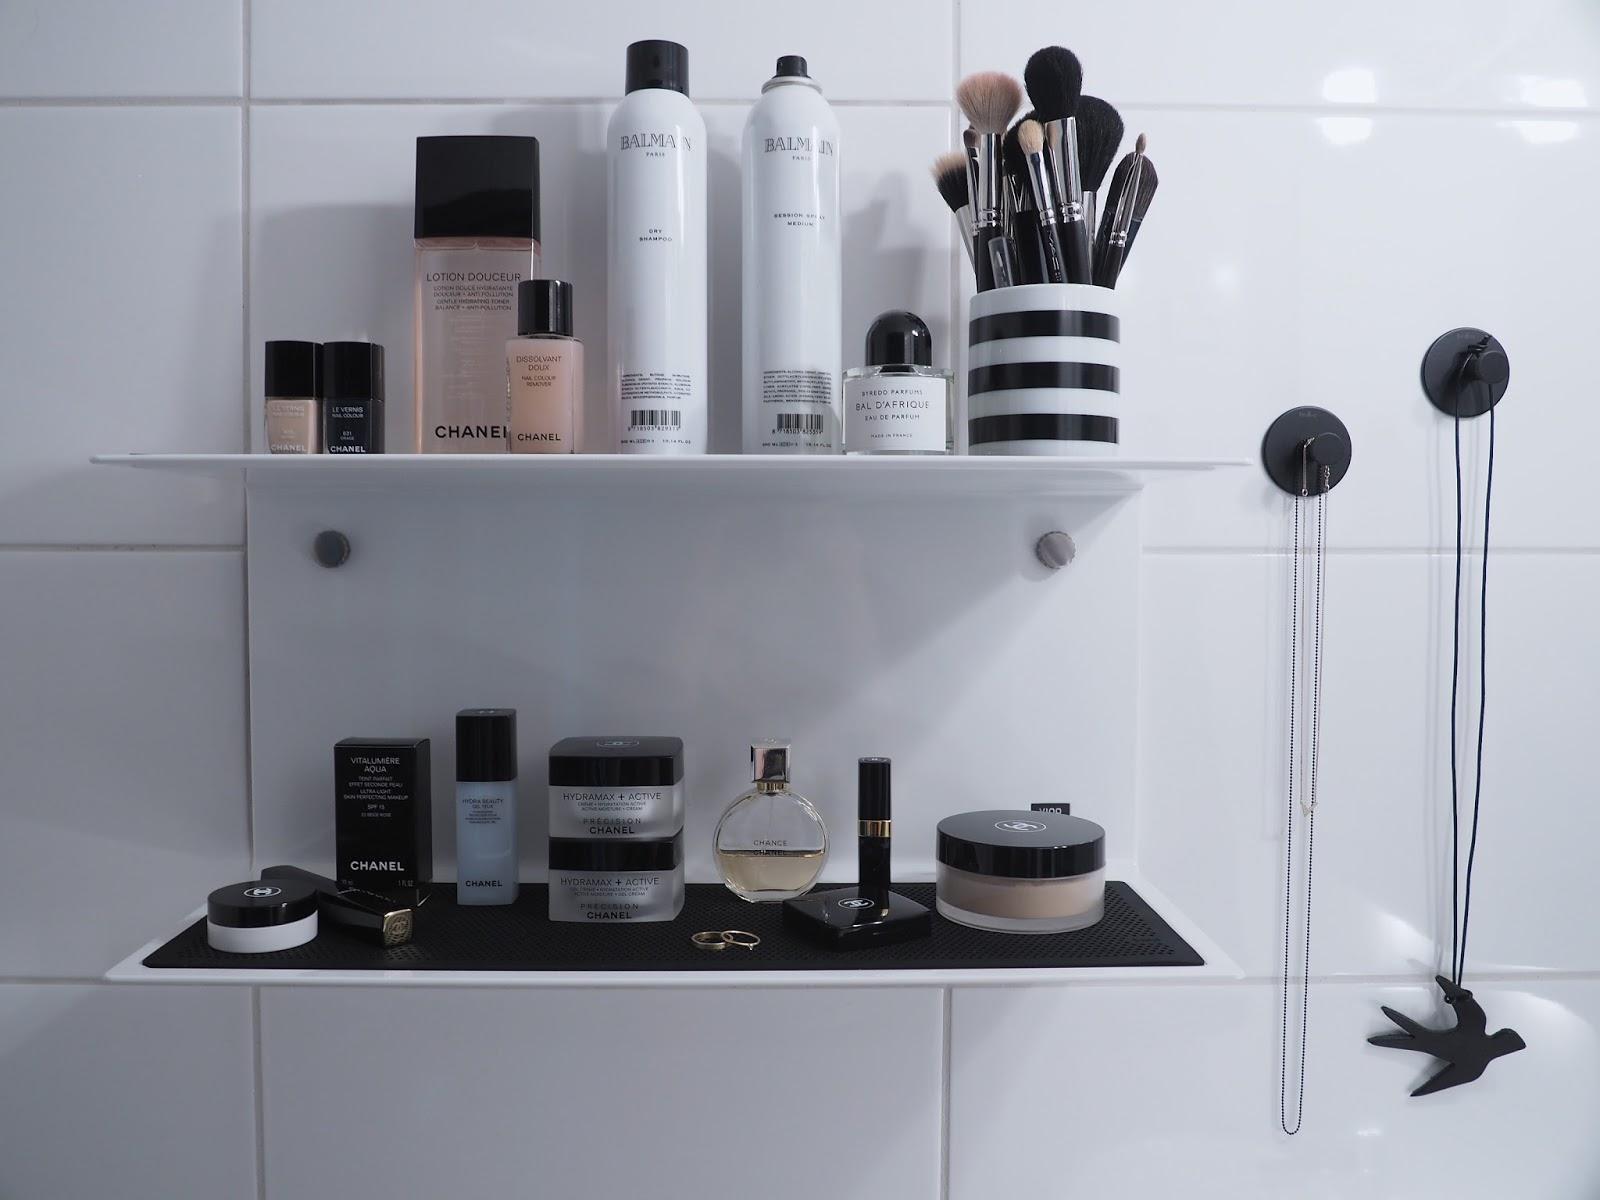 Kylpyhuoneen seinähylly